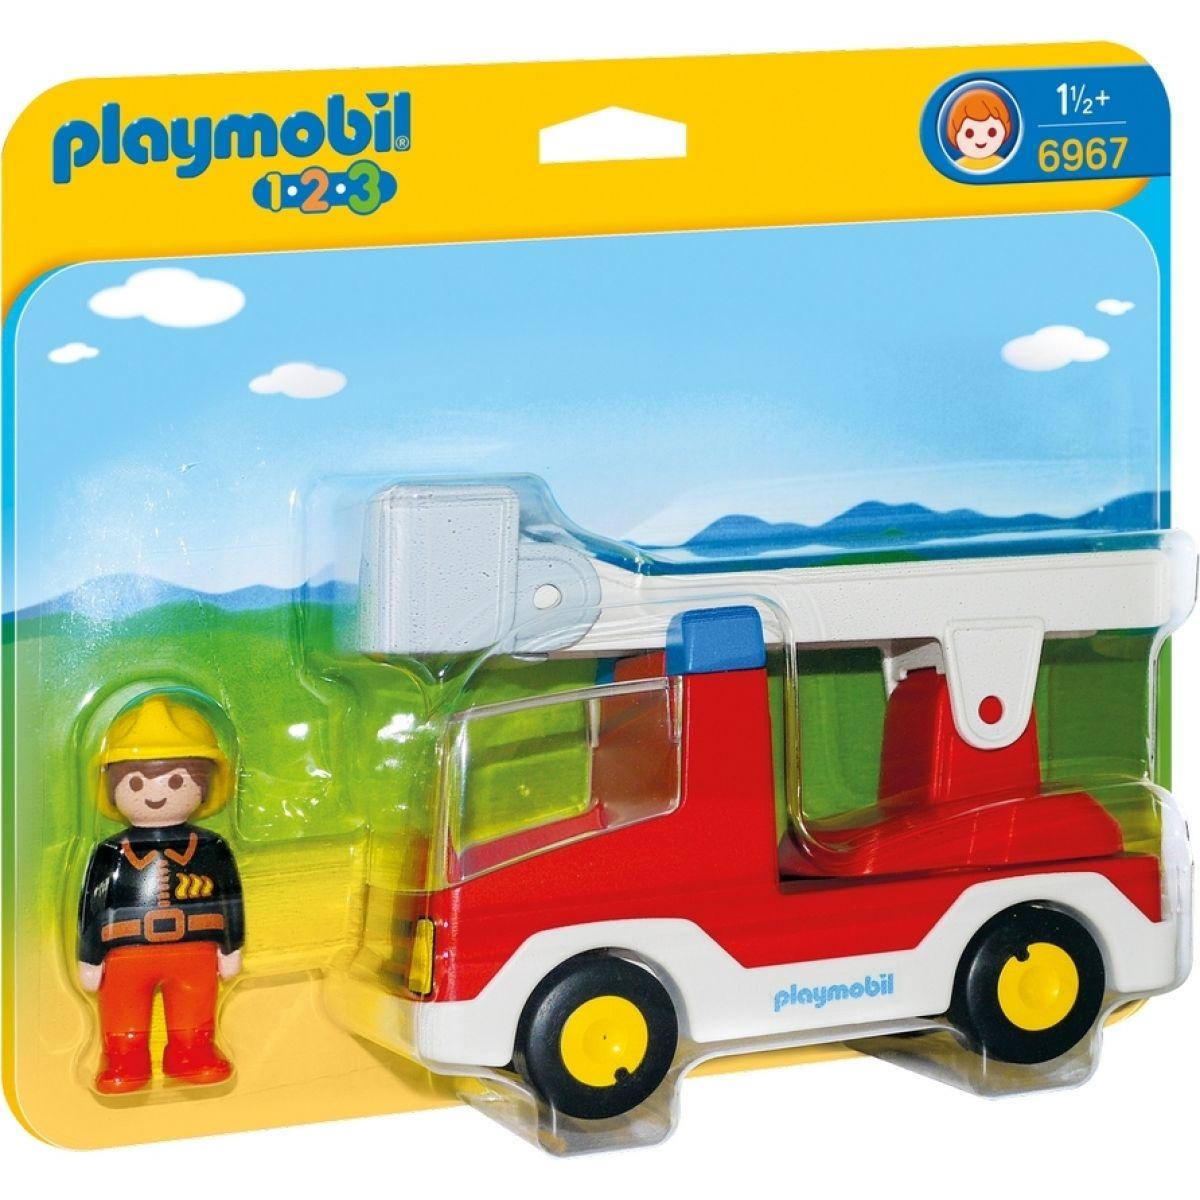 Playmobil 6967 Hasičské auto - Poškozený obal